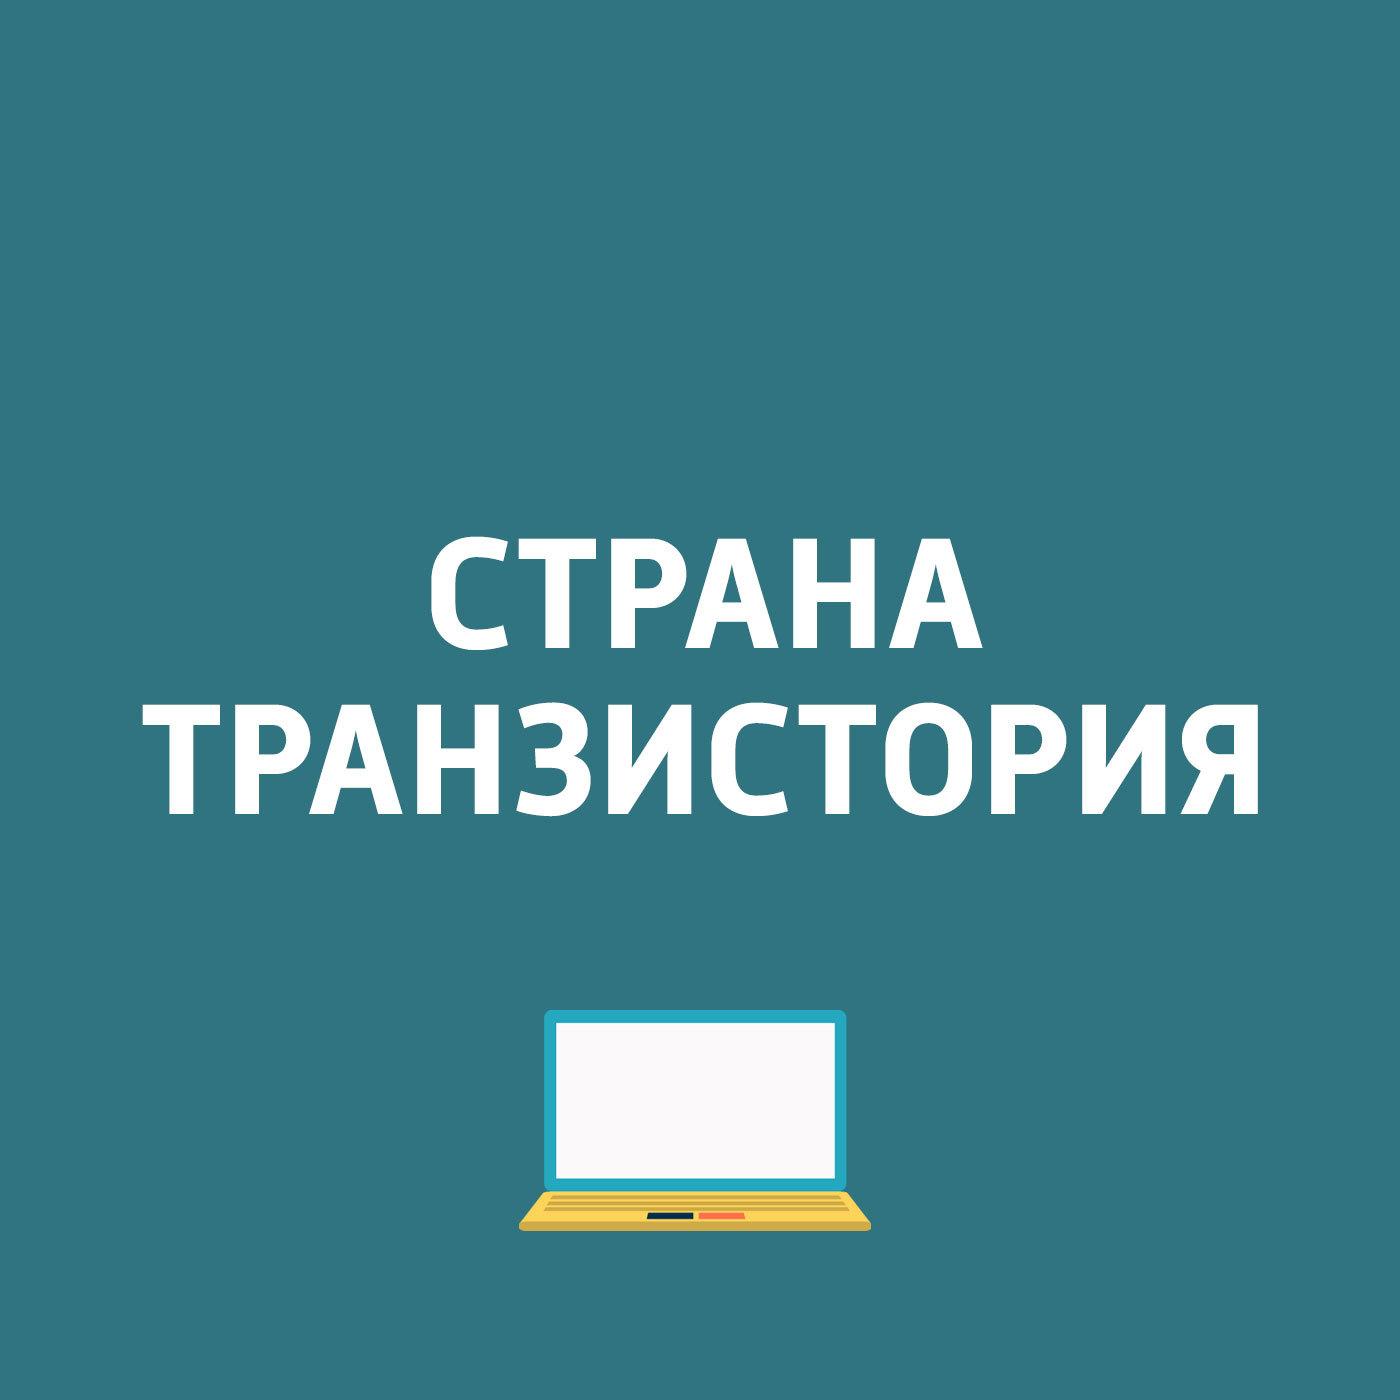 Картаев Павел Sony XZ Premium начали продавать в России gumai silky case for oneplus 3 3t black